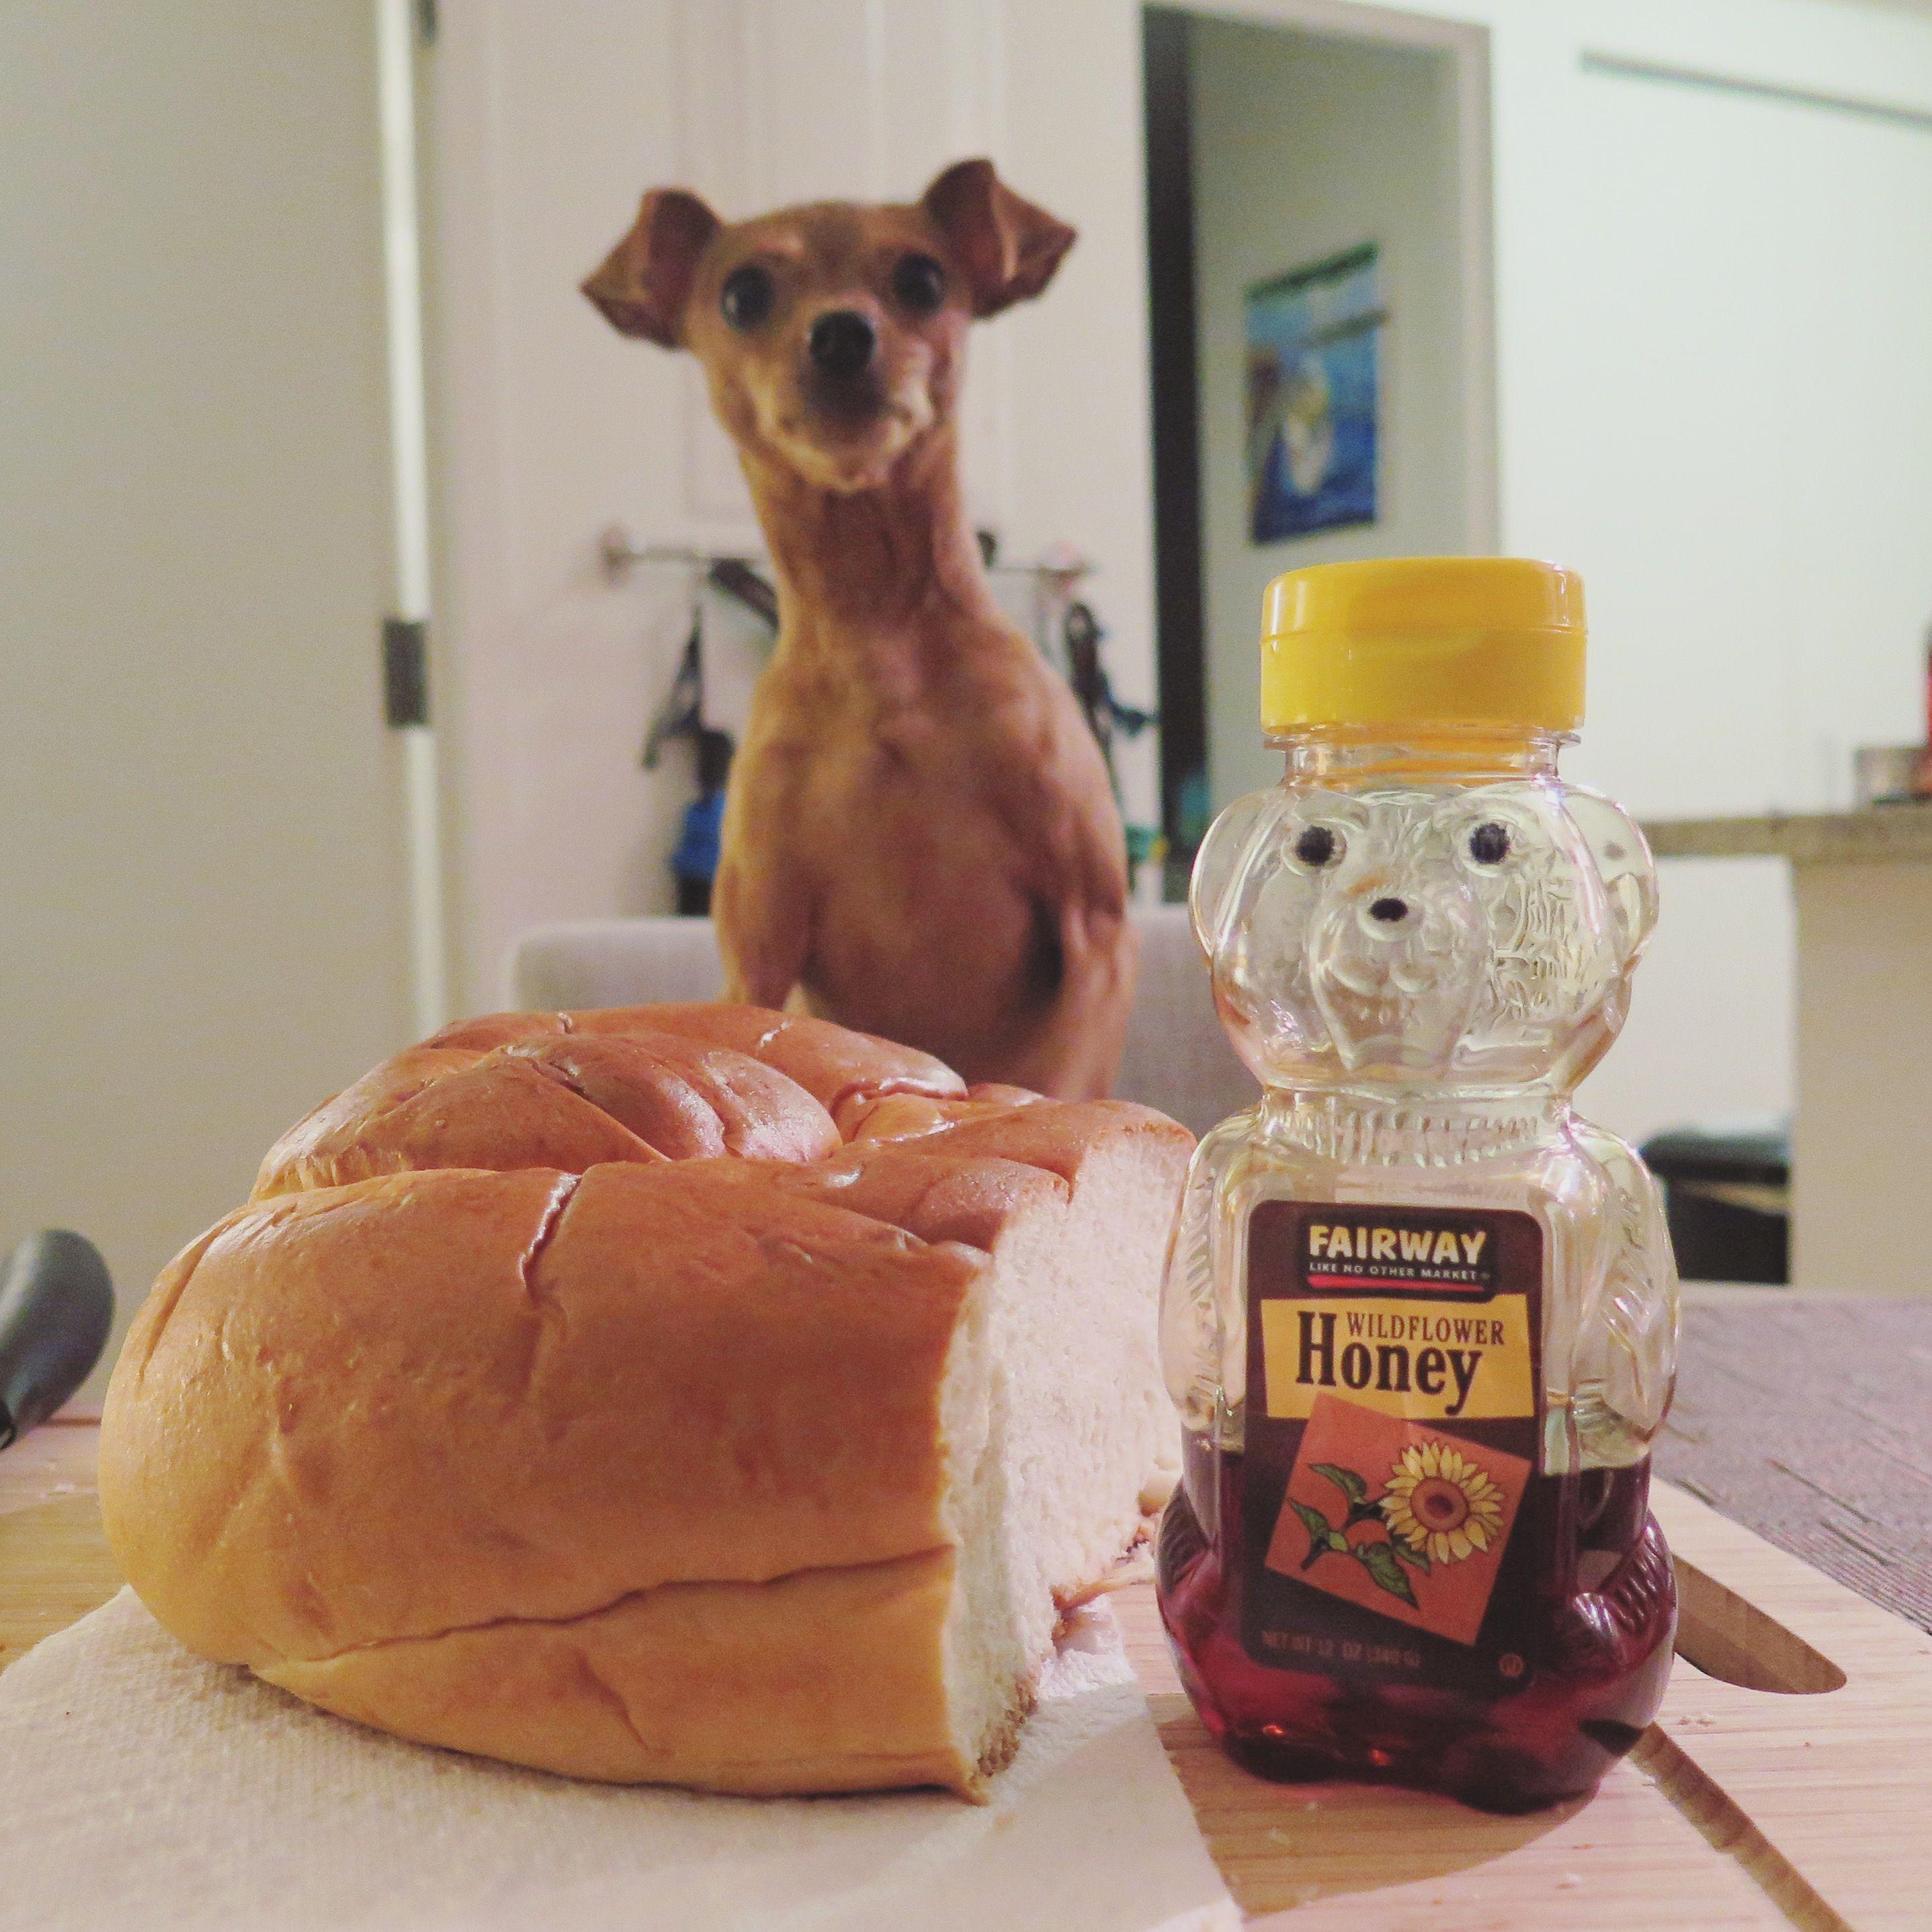 Dave is a Jewish Dog! Challah at me! roshHashana